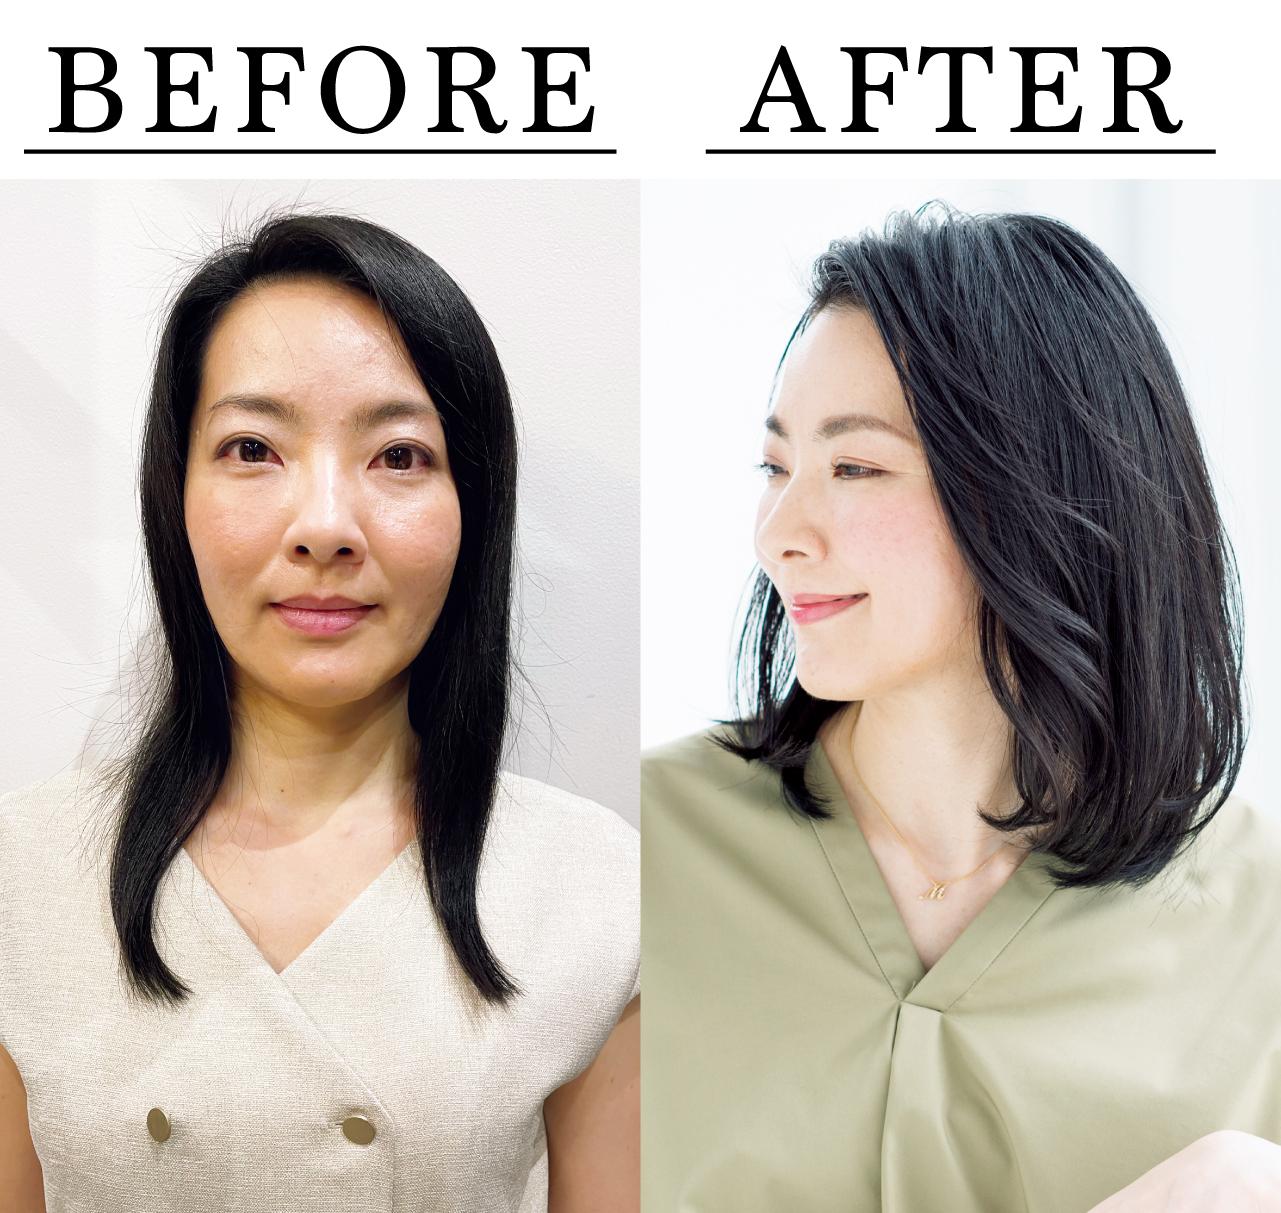 吉良美帆さん Before After